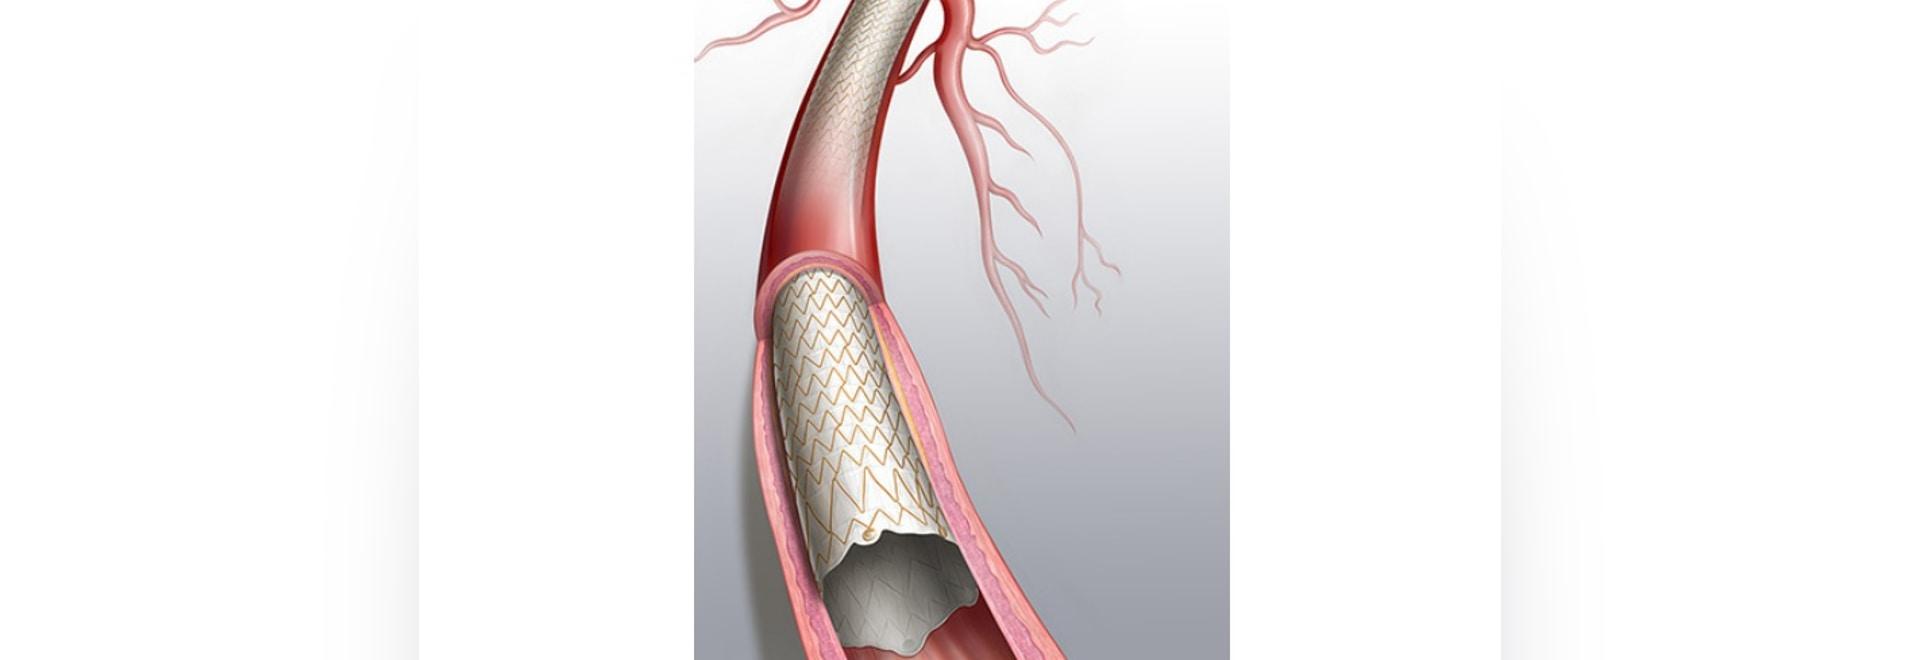 Aprobación previa a la comercialización por parte de la FDA de la endoprótesis cubierta Covera para pacientes con enfermedad renal en fase terminal en hemodiálisis